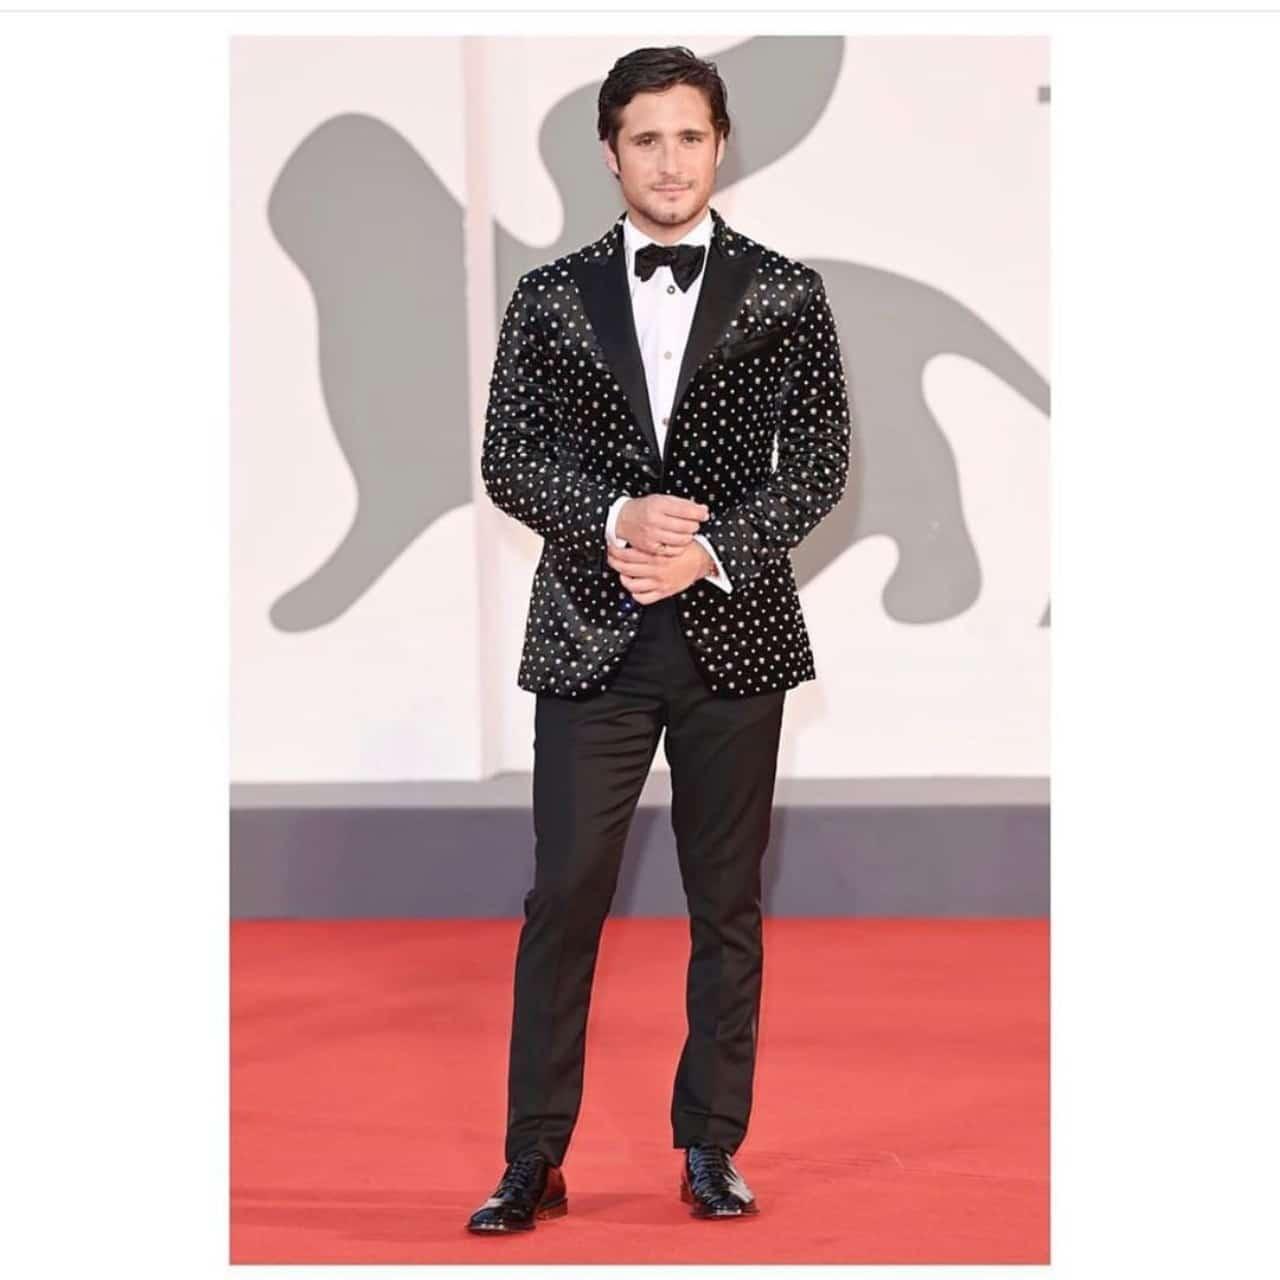 Diego Boneta en unos premios con traje